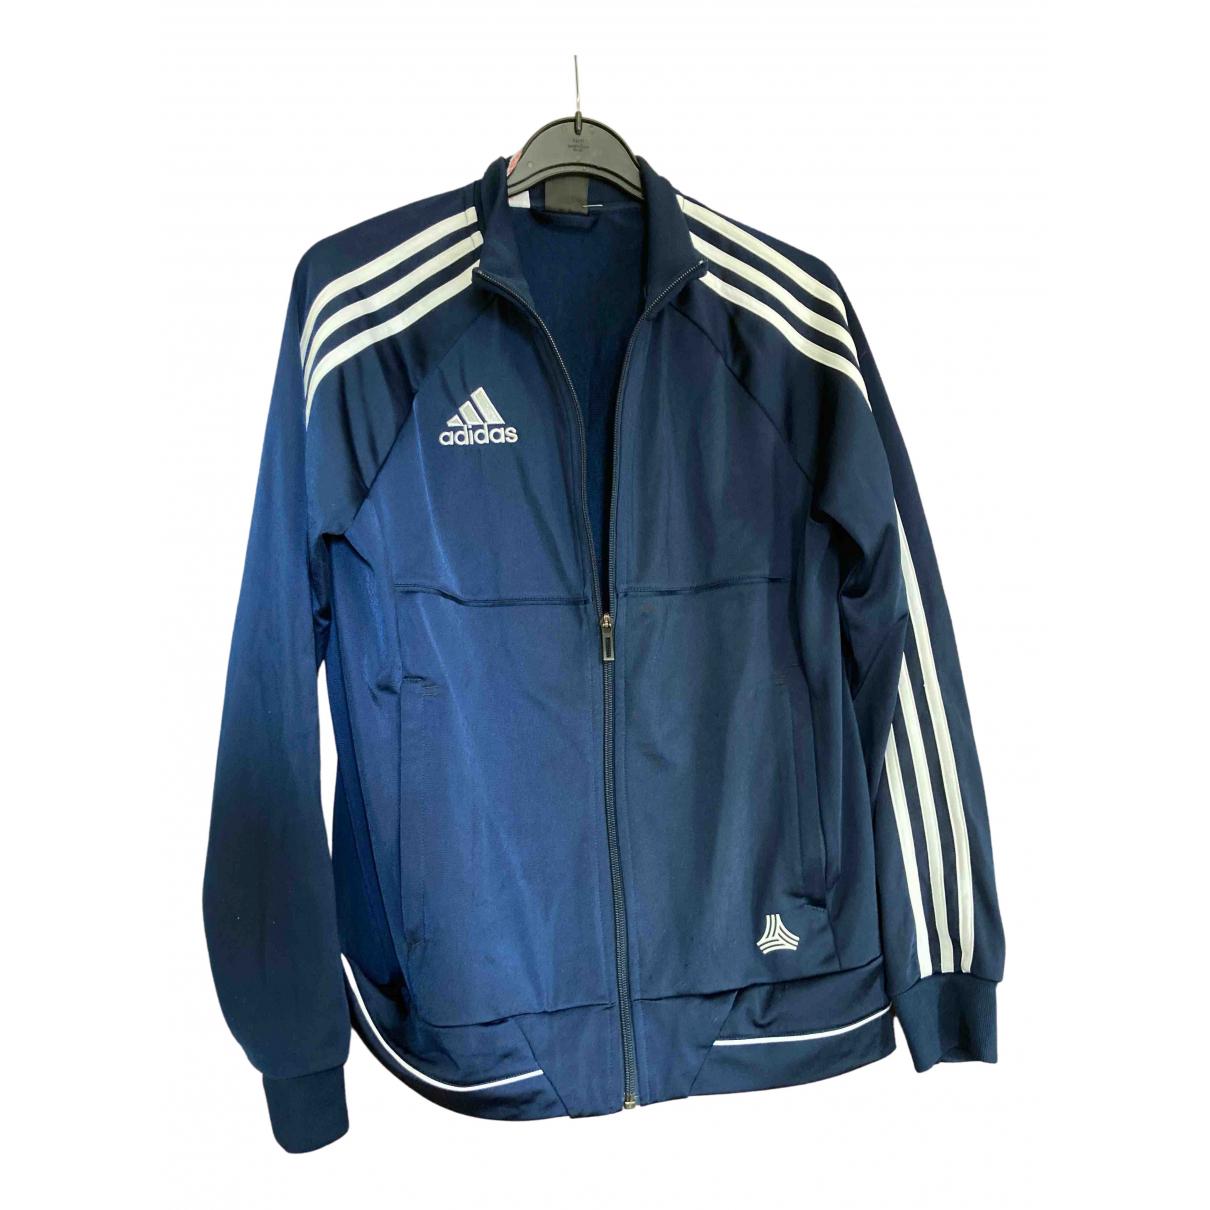 Adidas - Blousons.Manteaux   pour enfant - marine